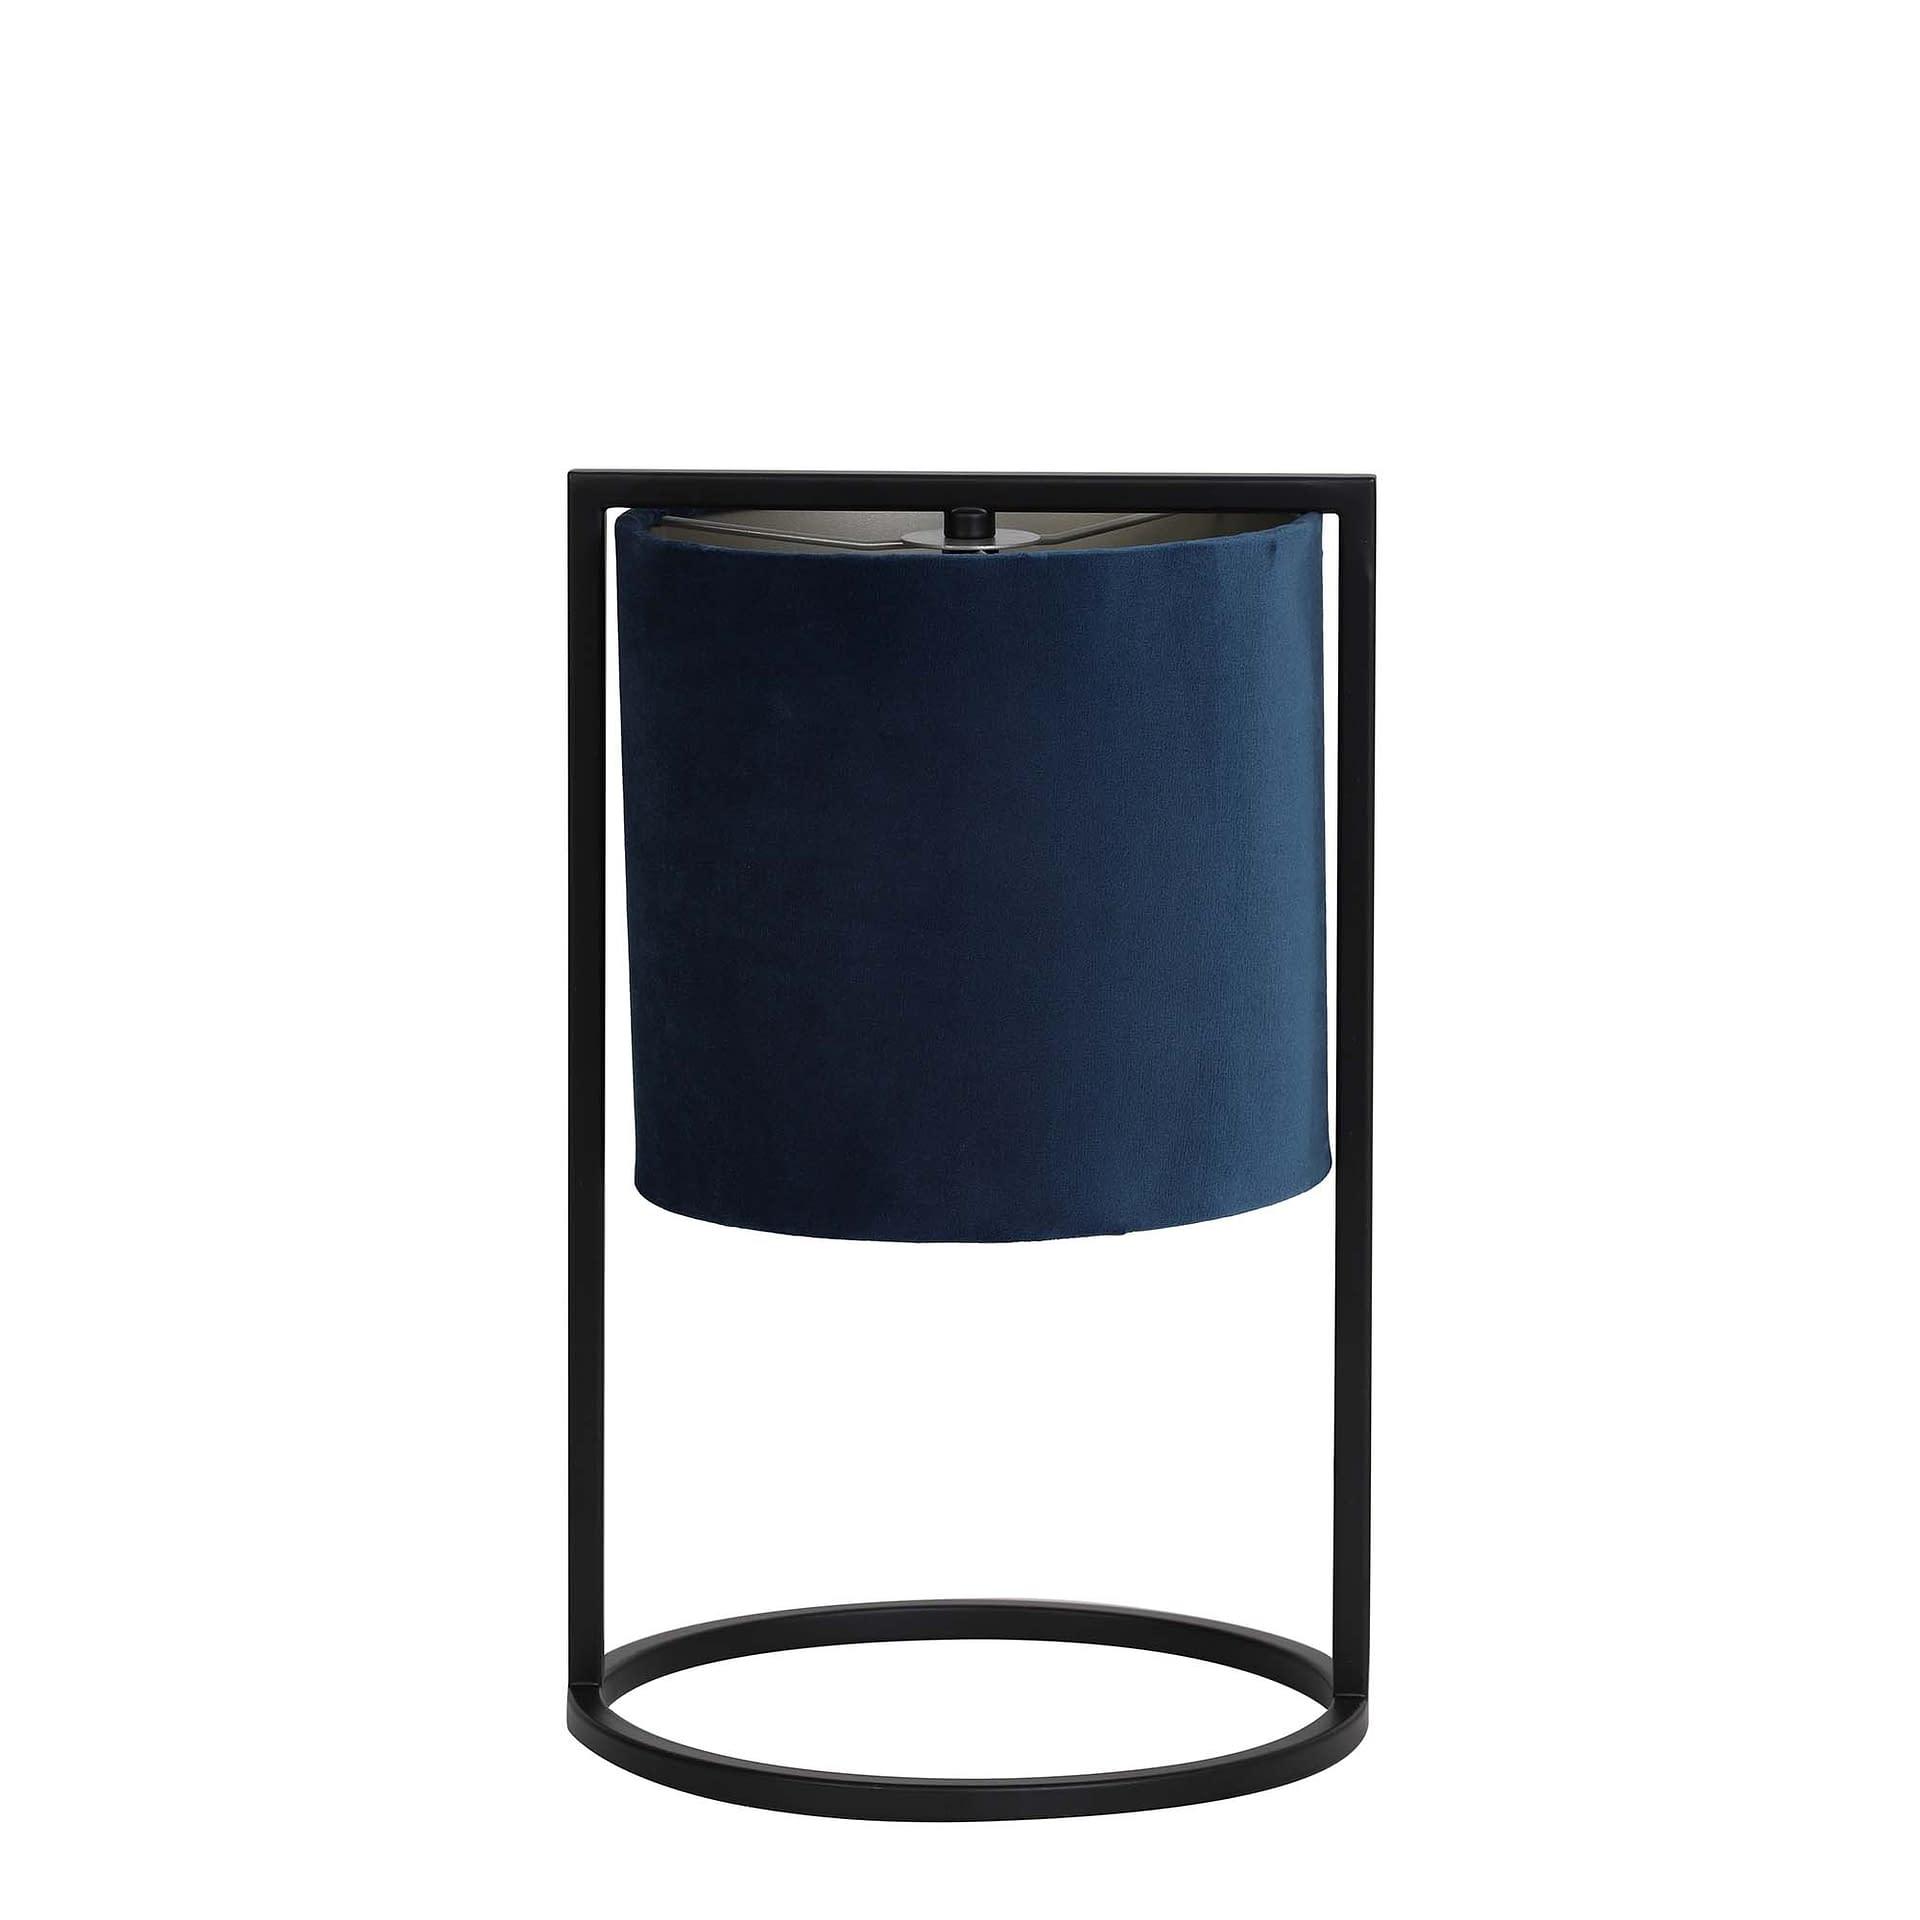 Tafellamp Ø22x35 cm SANTOS mat zwart+kap petrol blauw ...